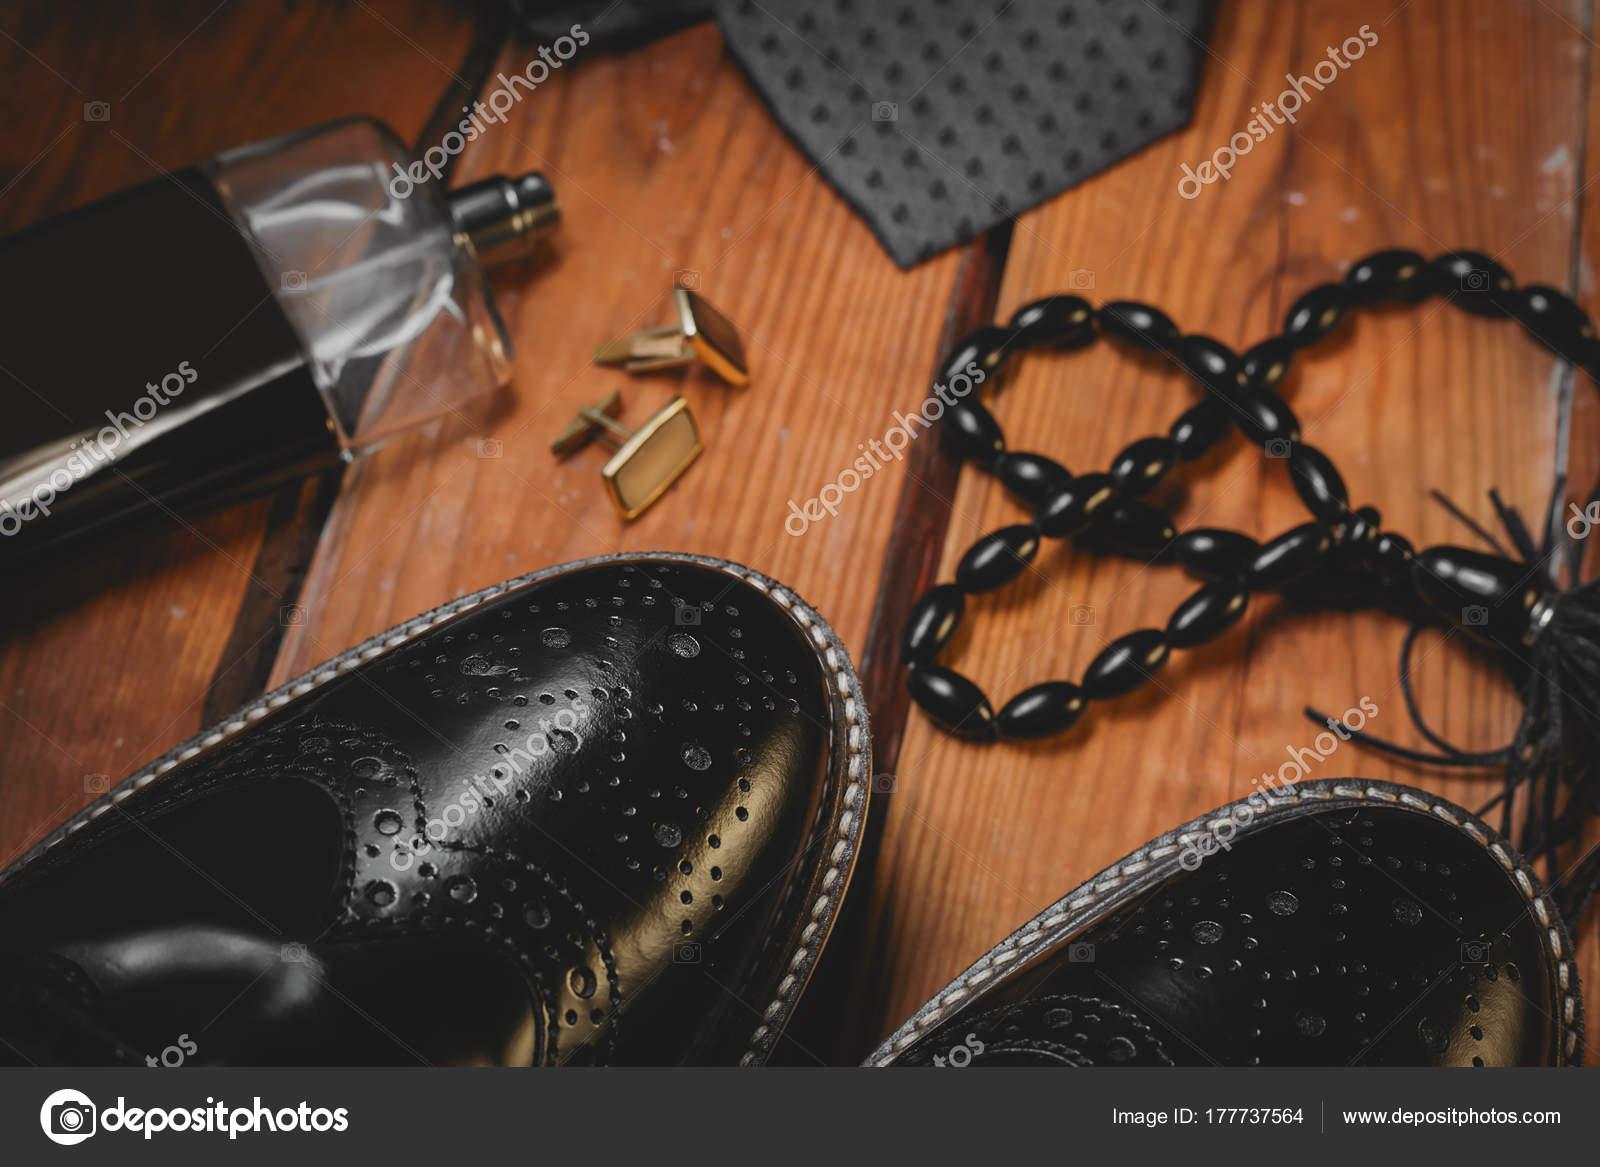 88037ffa031 Ανδρικά casual ρούχα και αξεσουάρ, παπούτσια μαύρο δέρμα, ζώνη και άρωμα —  Εικόνα από ...